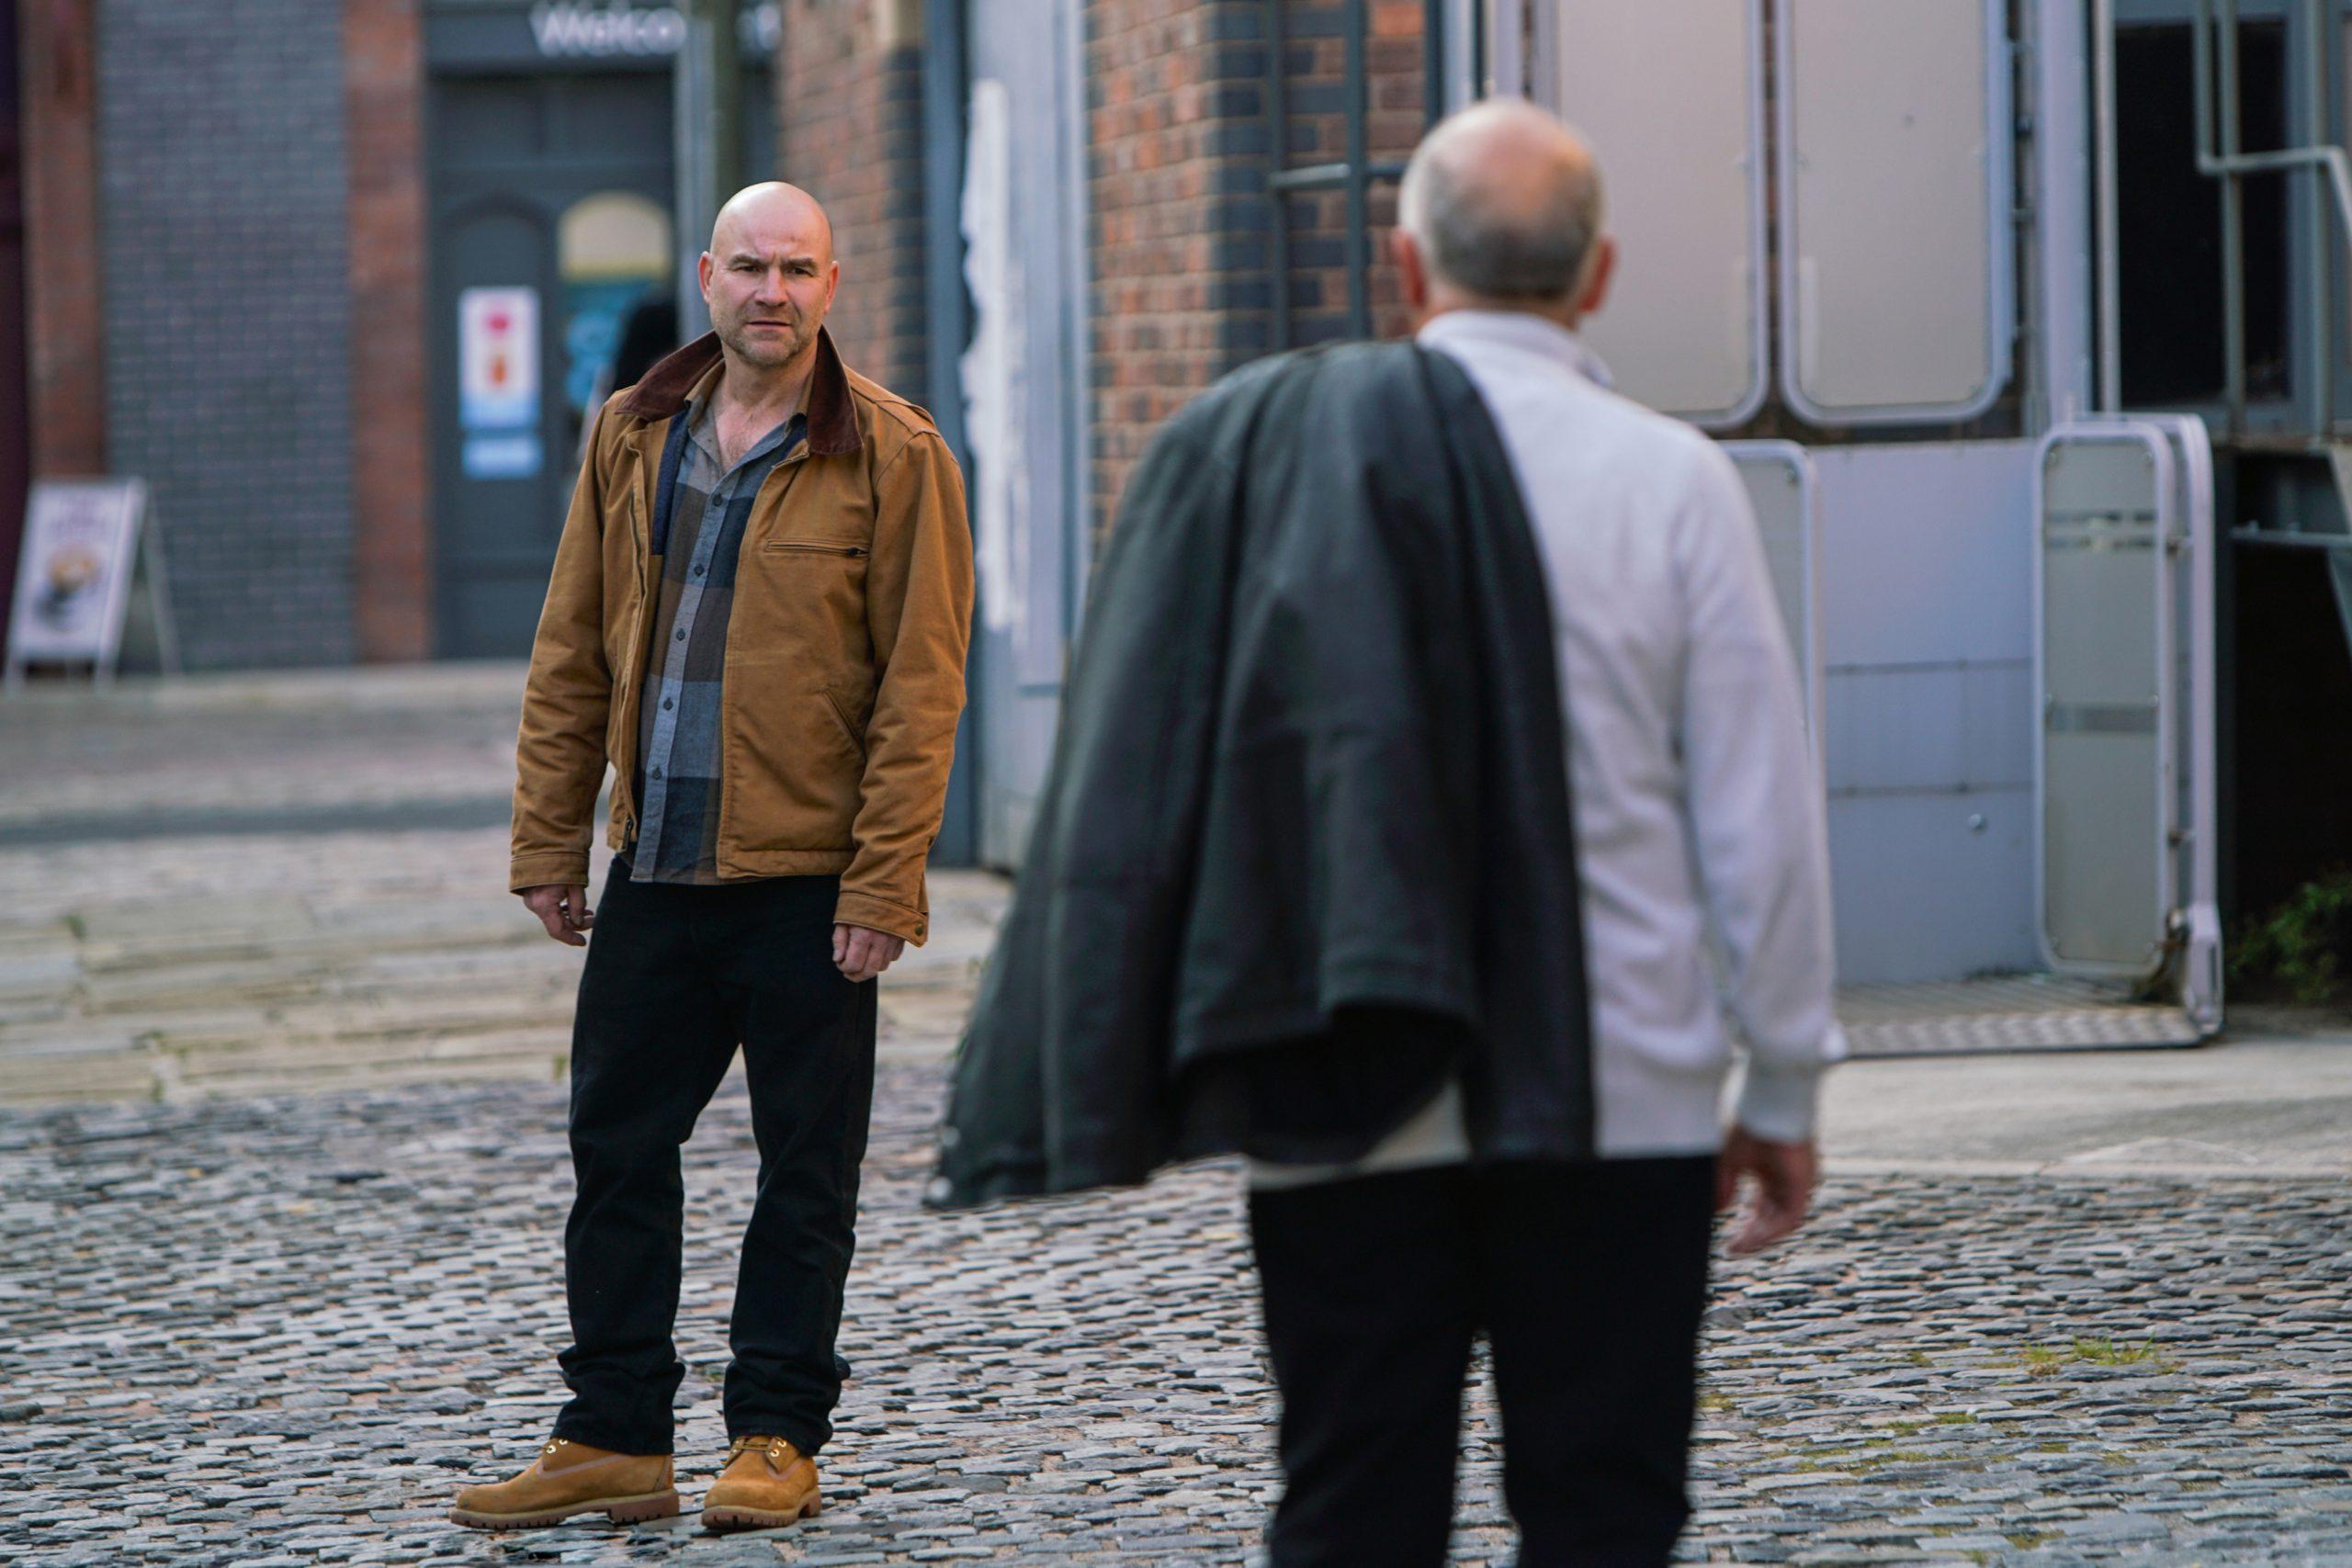 Tim se vuelve contra su padre en la calle